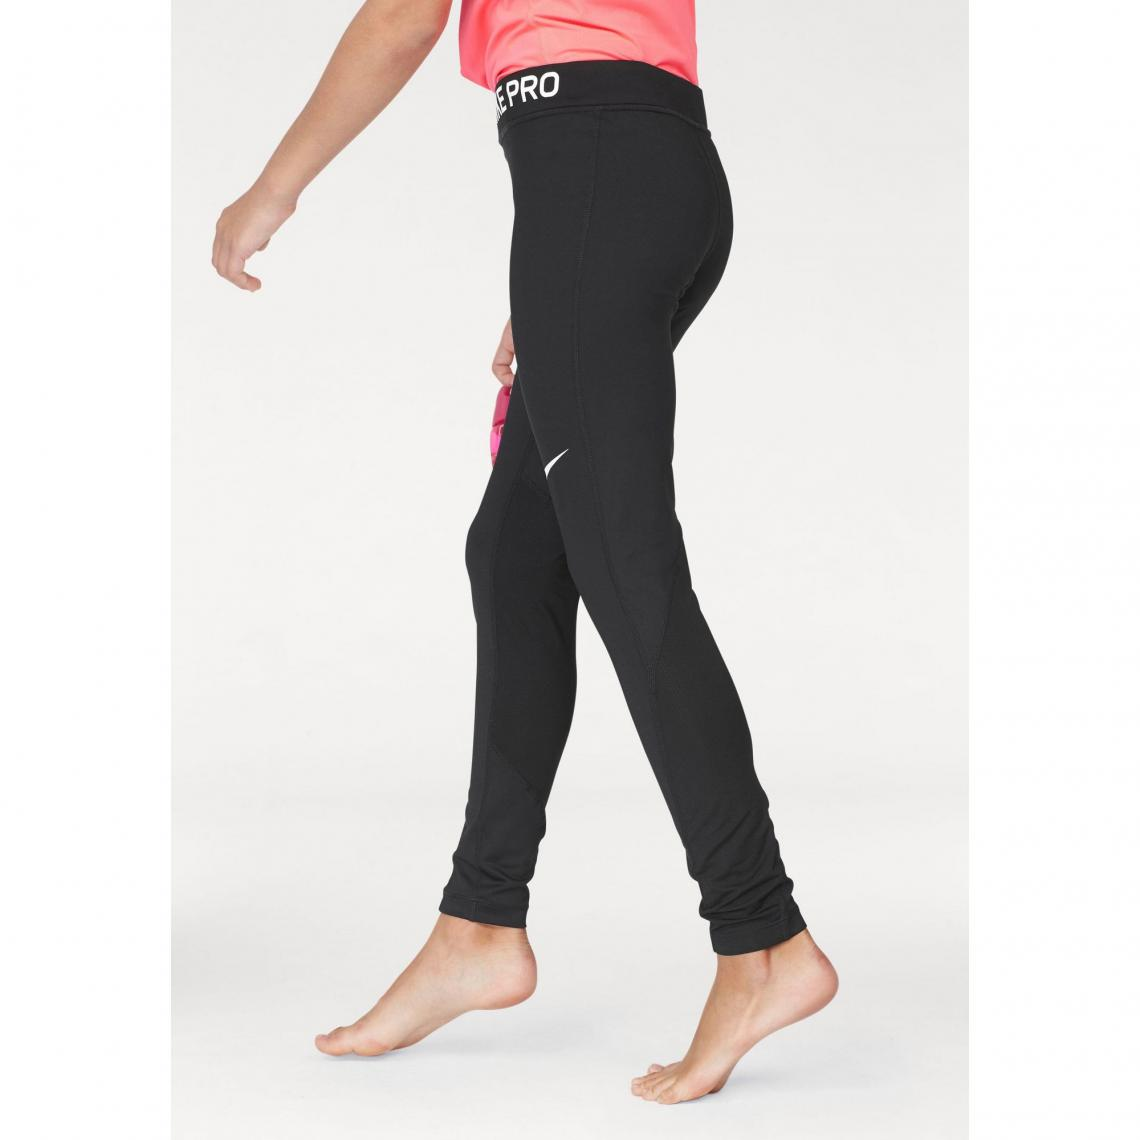 Survêtements fille Nike Cliquez l image pour l agrandir. Collant de  training femme Nike Pro - Noir Nike e3d9a693ff9